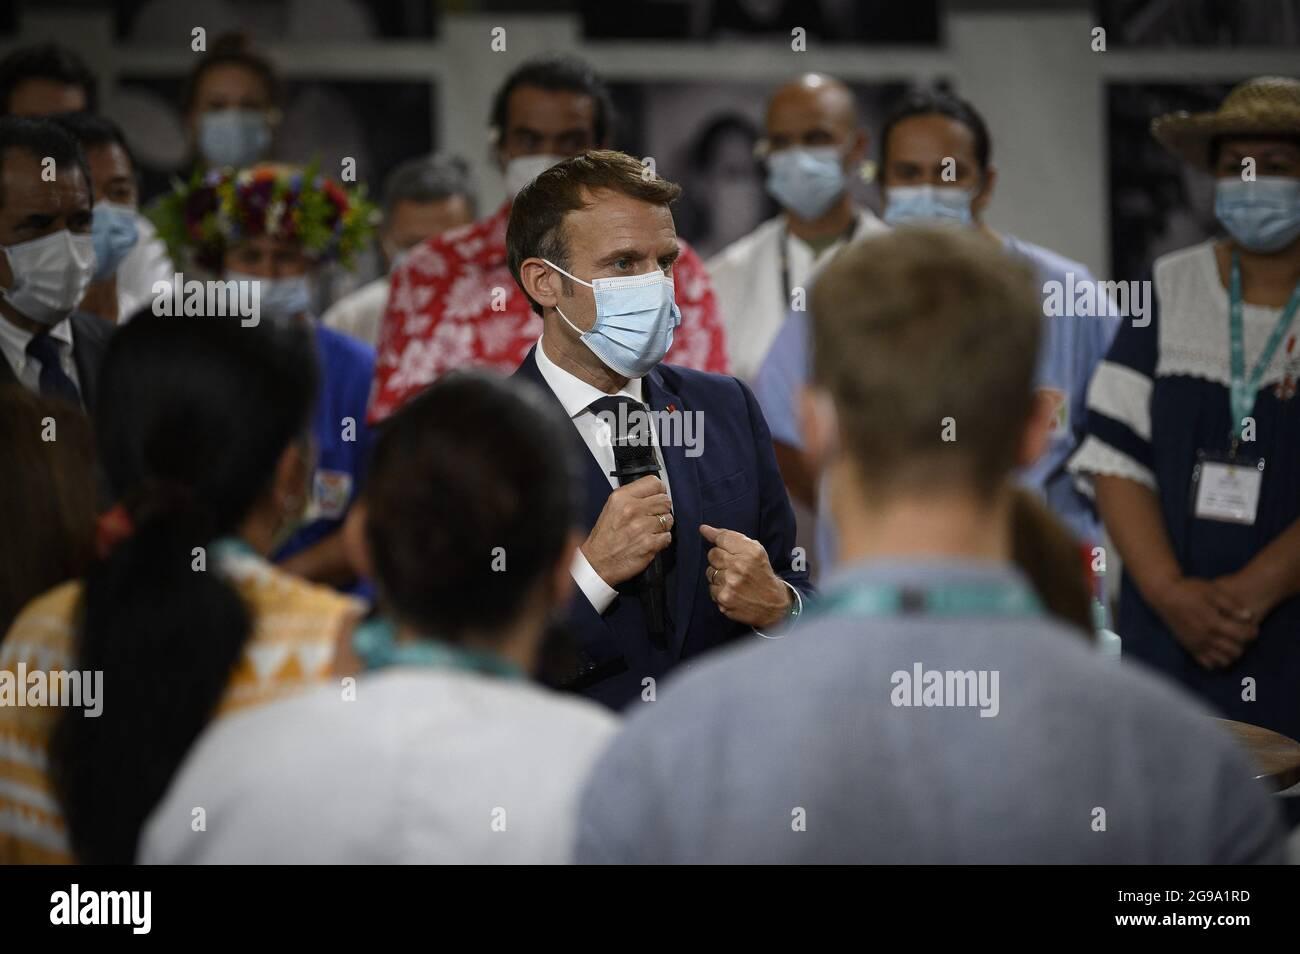 Il presidente francese Emmanuel Macron (C) parla con medici e infermieri che lavorano presso il Centro ospedaliero della Polinesia francese di Papeete dopo il suo arrivo a Tahiti, in Polinesia francese, il 24 luglio 2021. Foto di Eliot Blondt/ABACAPRESS.COM Foto Stock